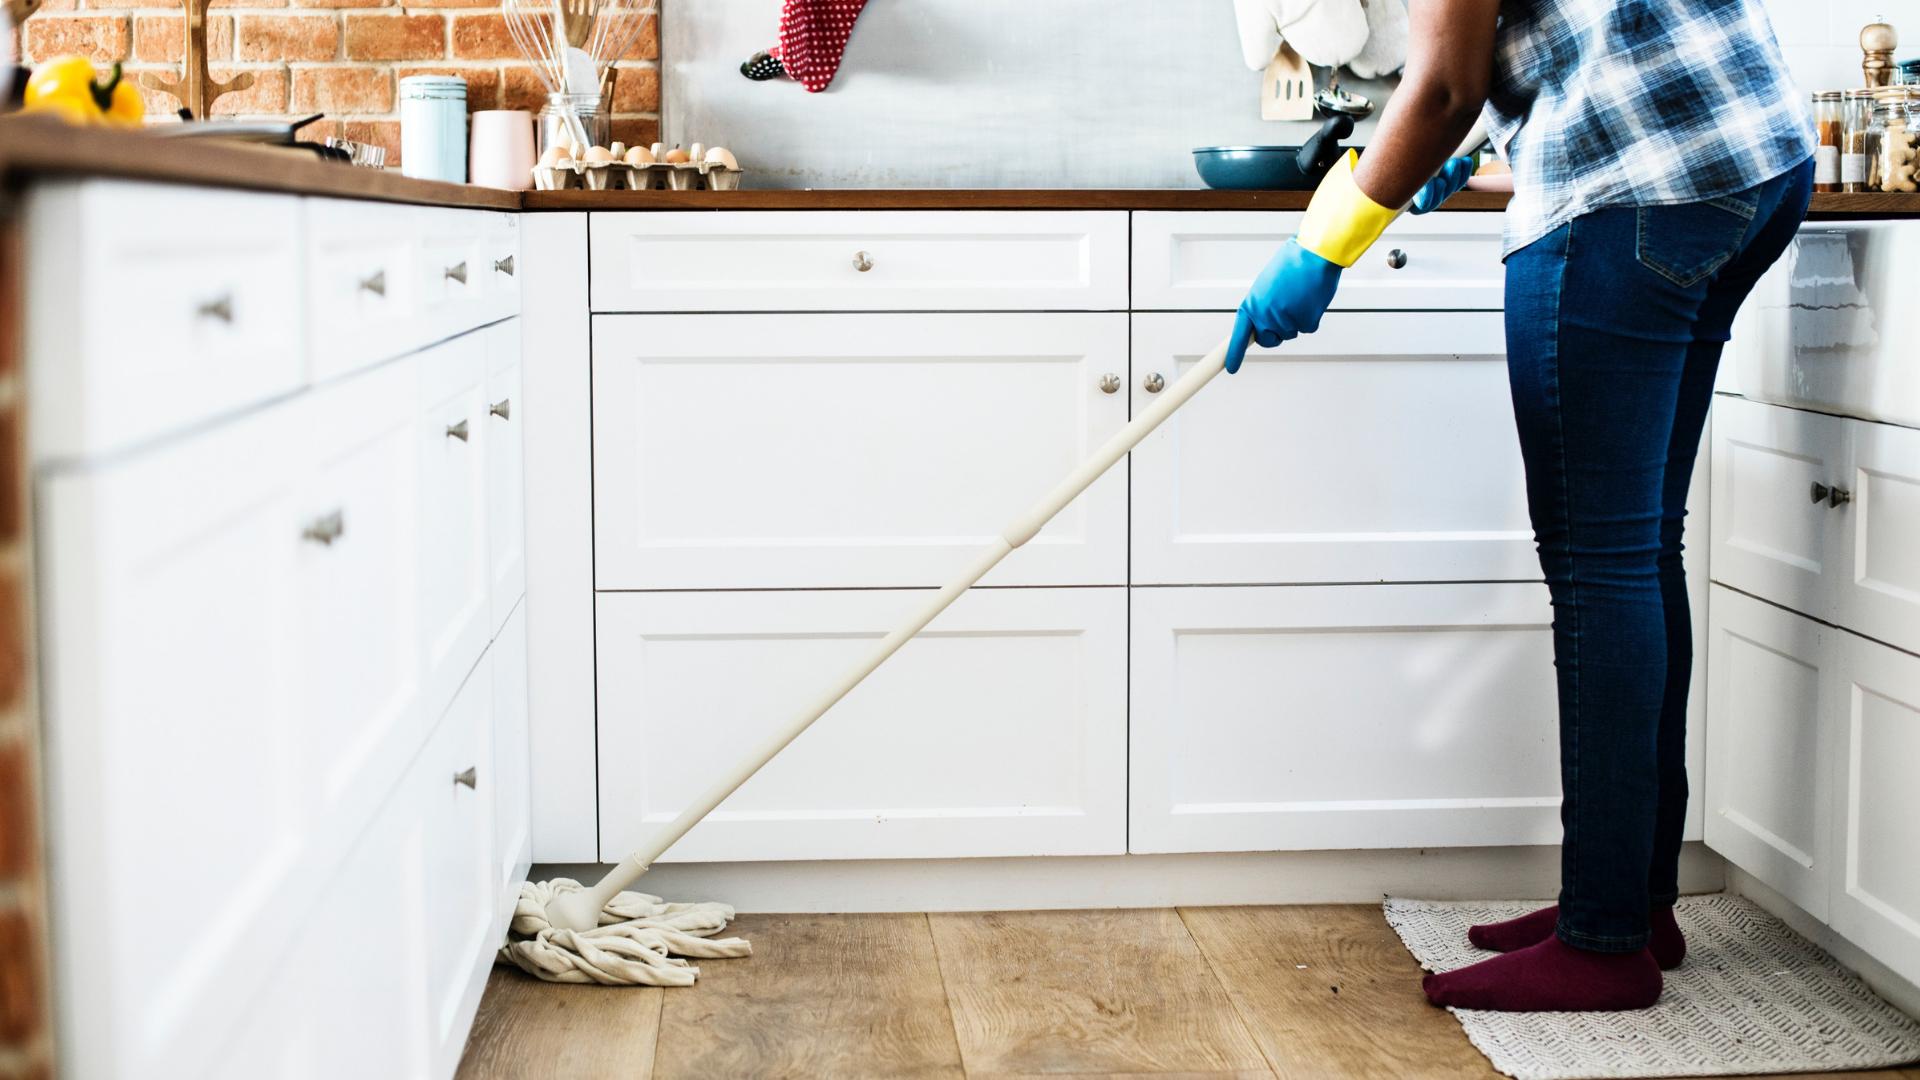 opleiding poetstechnieken huishoudhulpen medewerkers trainingen personeel zakelijke trainer TalentIndex